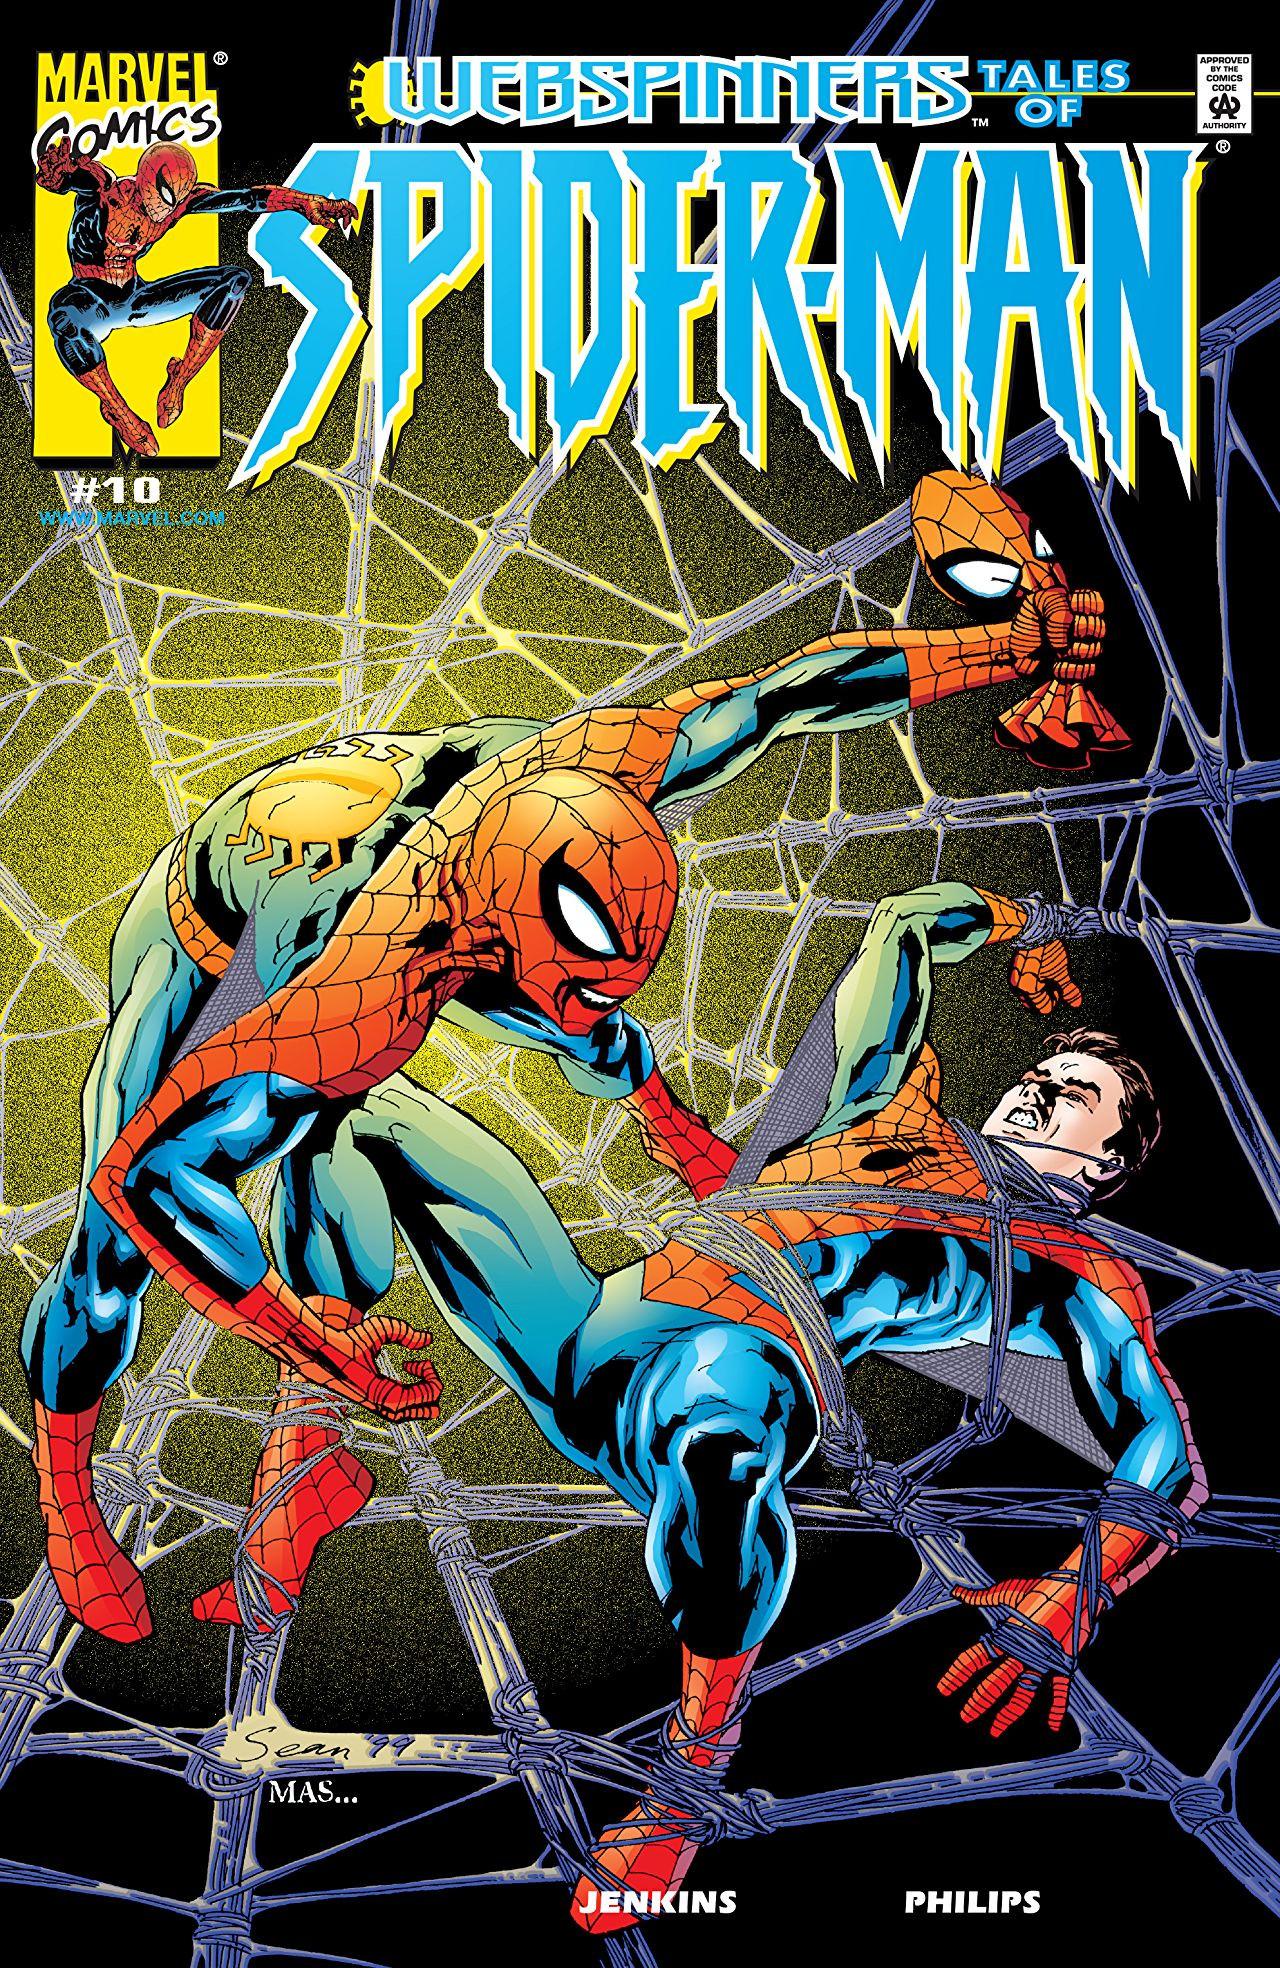 Webspinners Tales of Spider-Man Vol 1 10.jpg